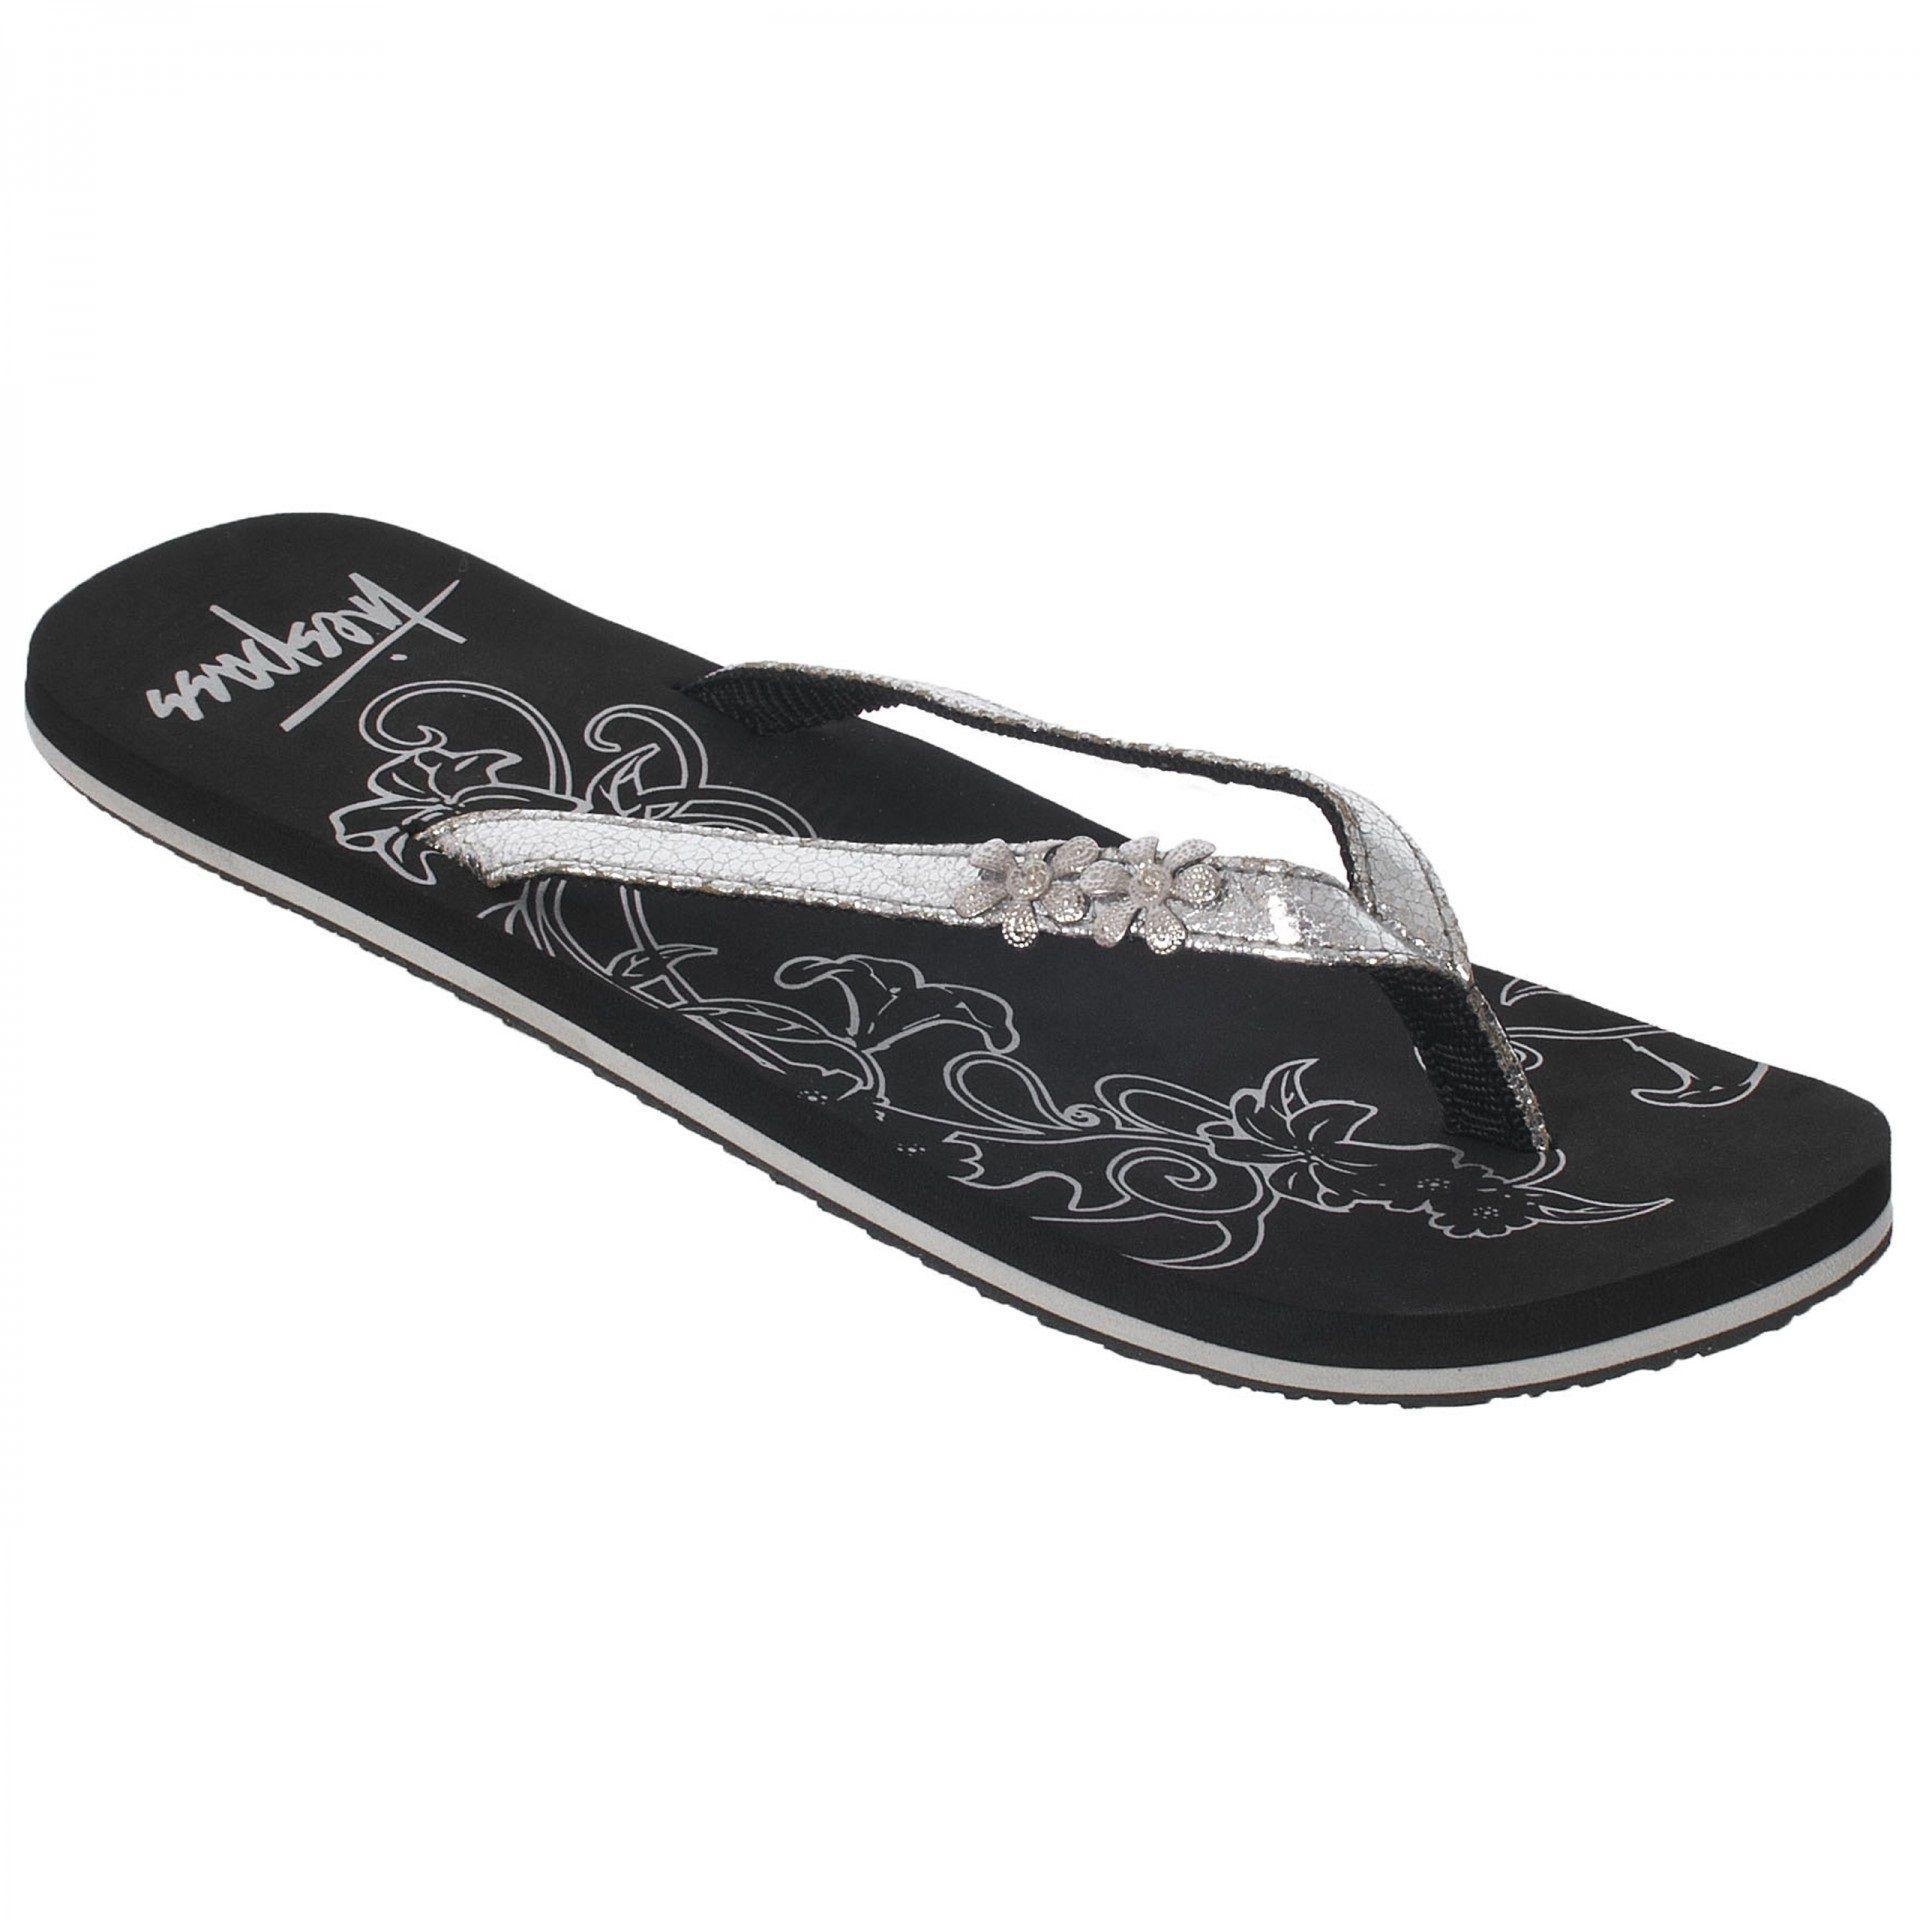 Trespass Womens/Ladies Hidden Metallic Flip Flops